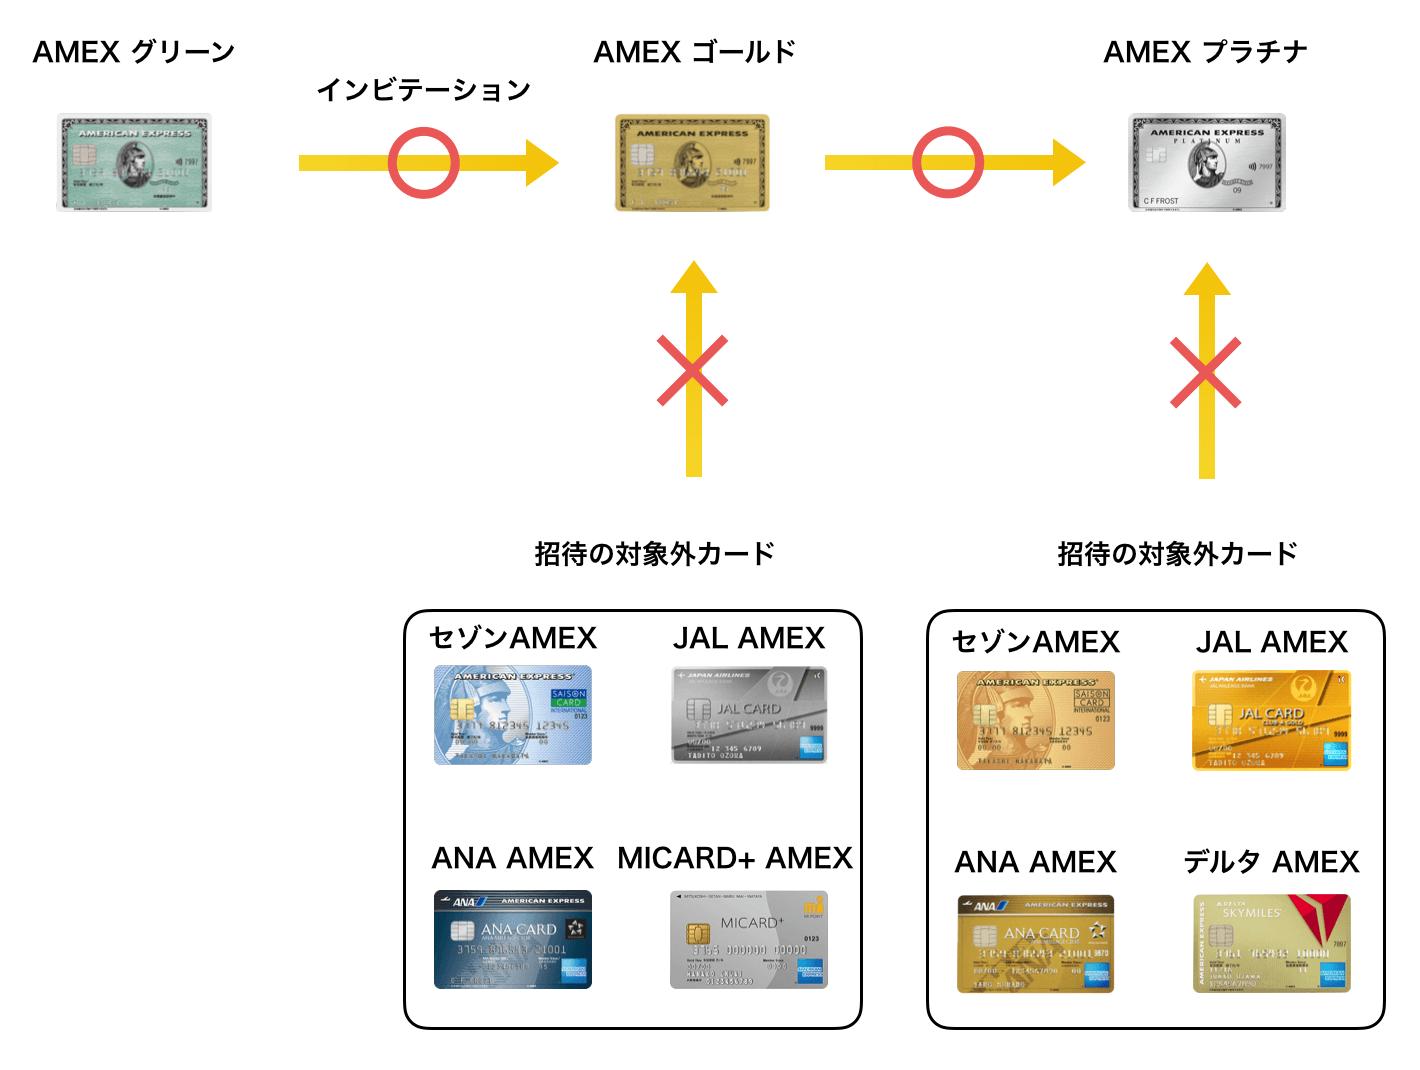 AMEXが付いたクレジットカードのインビテーションの例(2019年9月版)